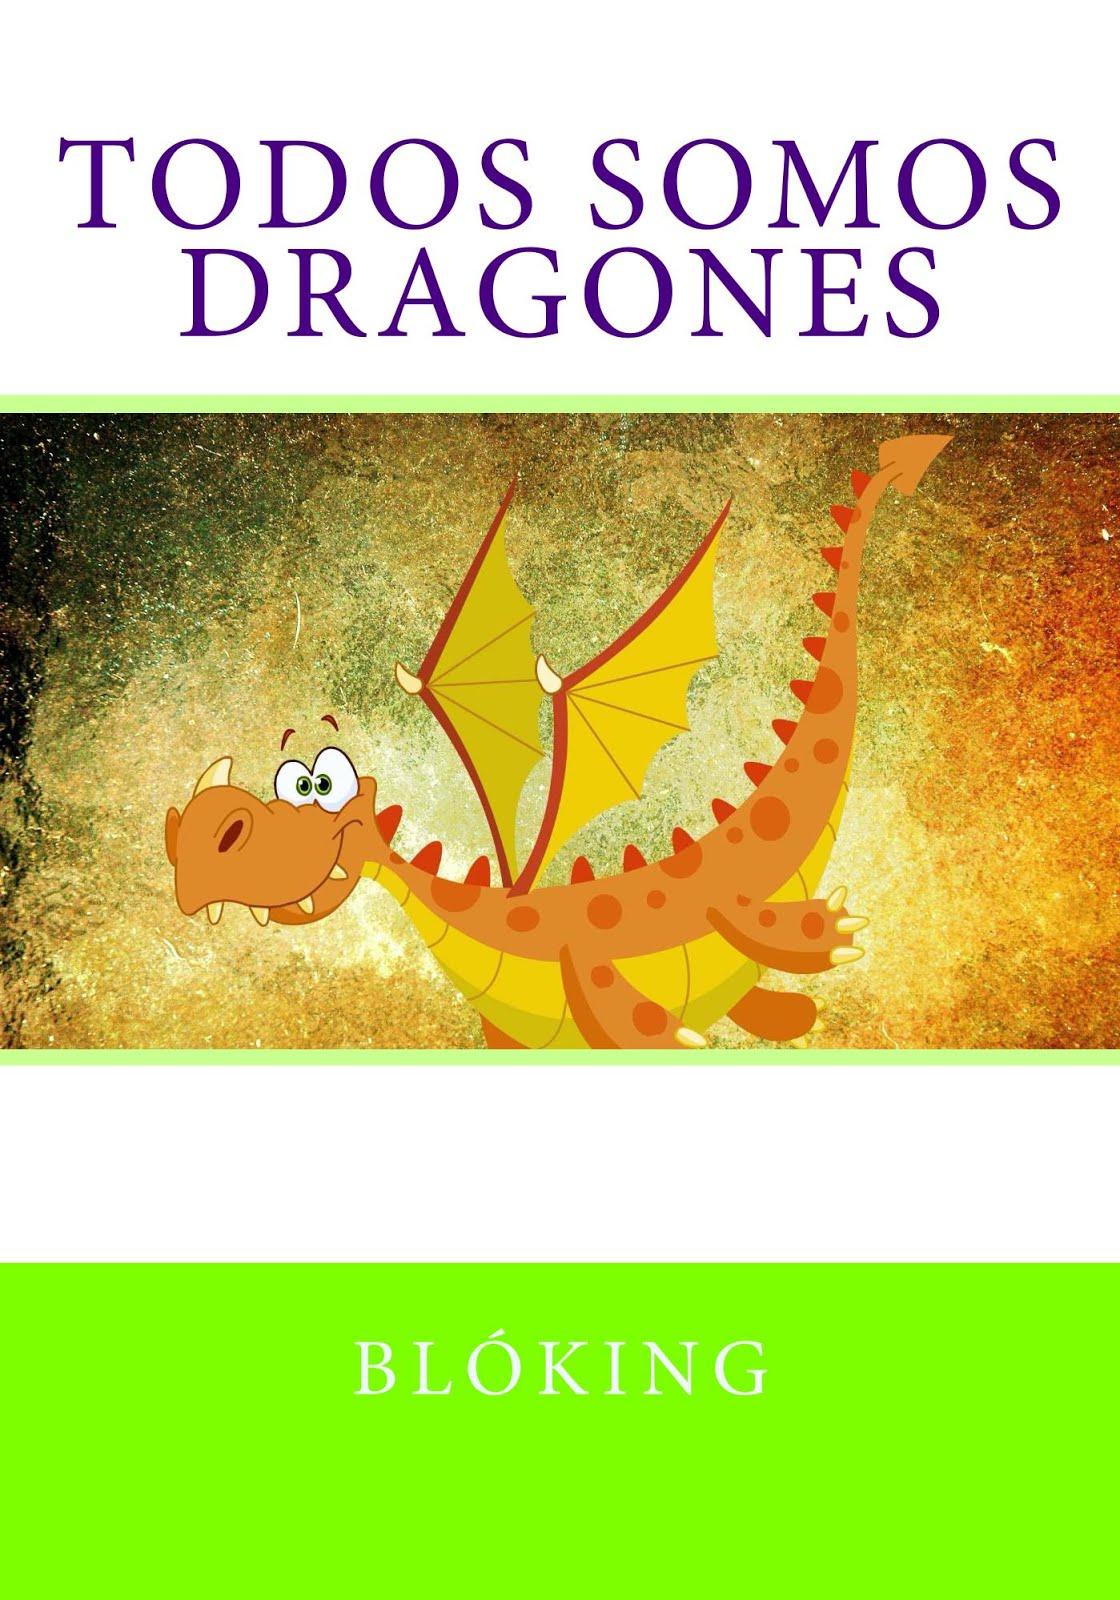 #Obra 25 - Todos somos dragones